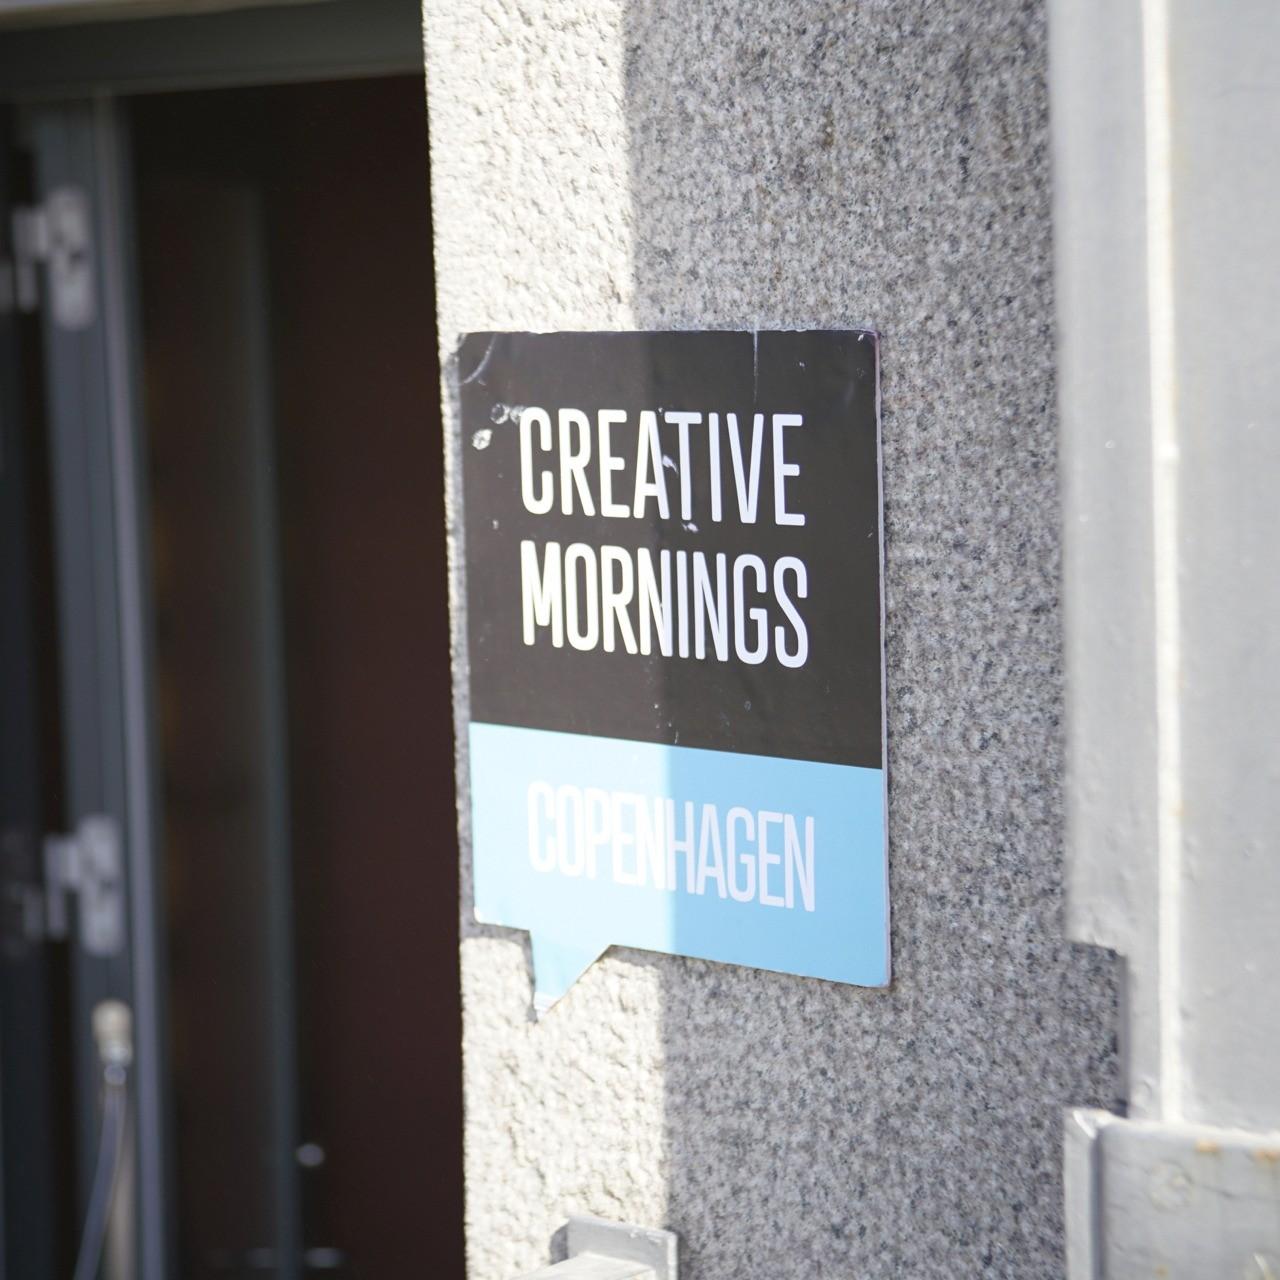 Event fotografering til Instagram: Creative Morning - skudt med Lomography Neptune